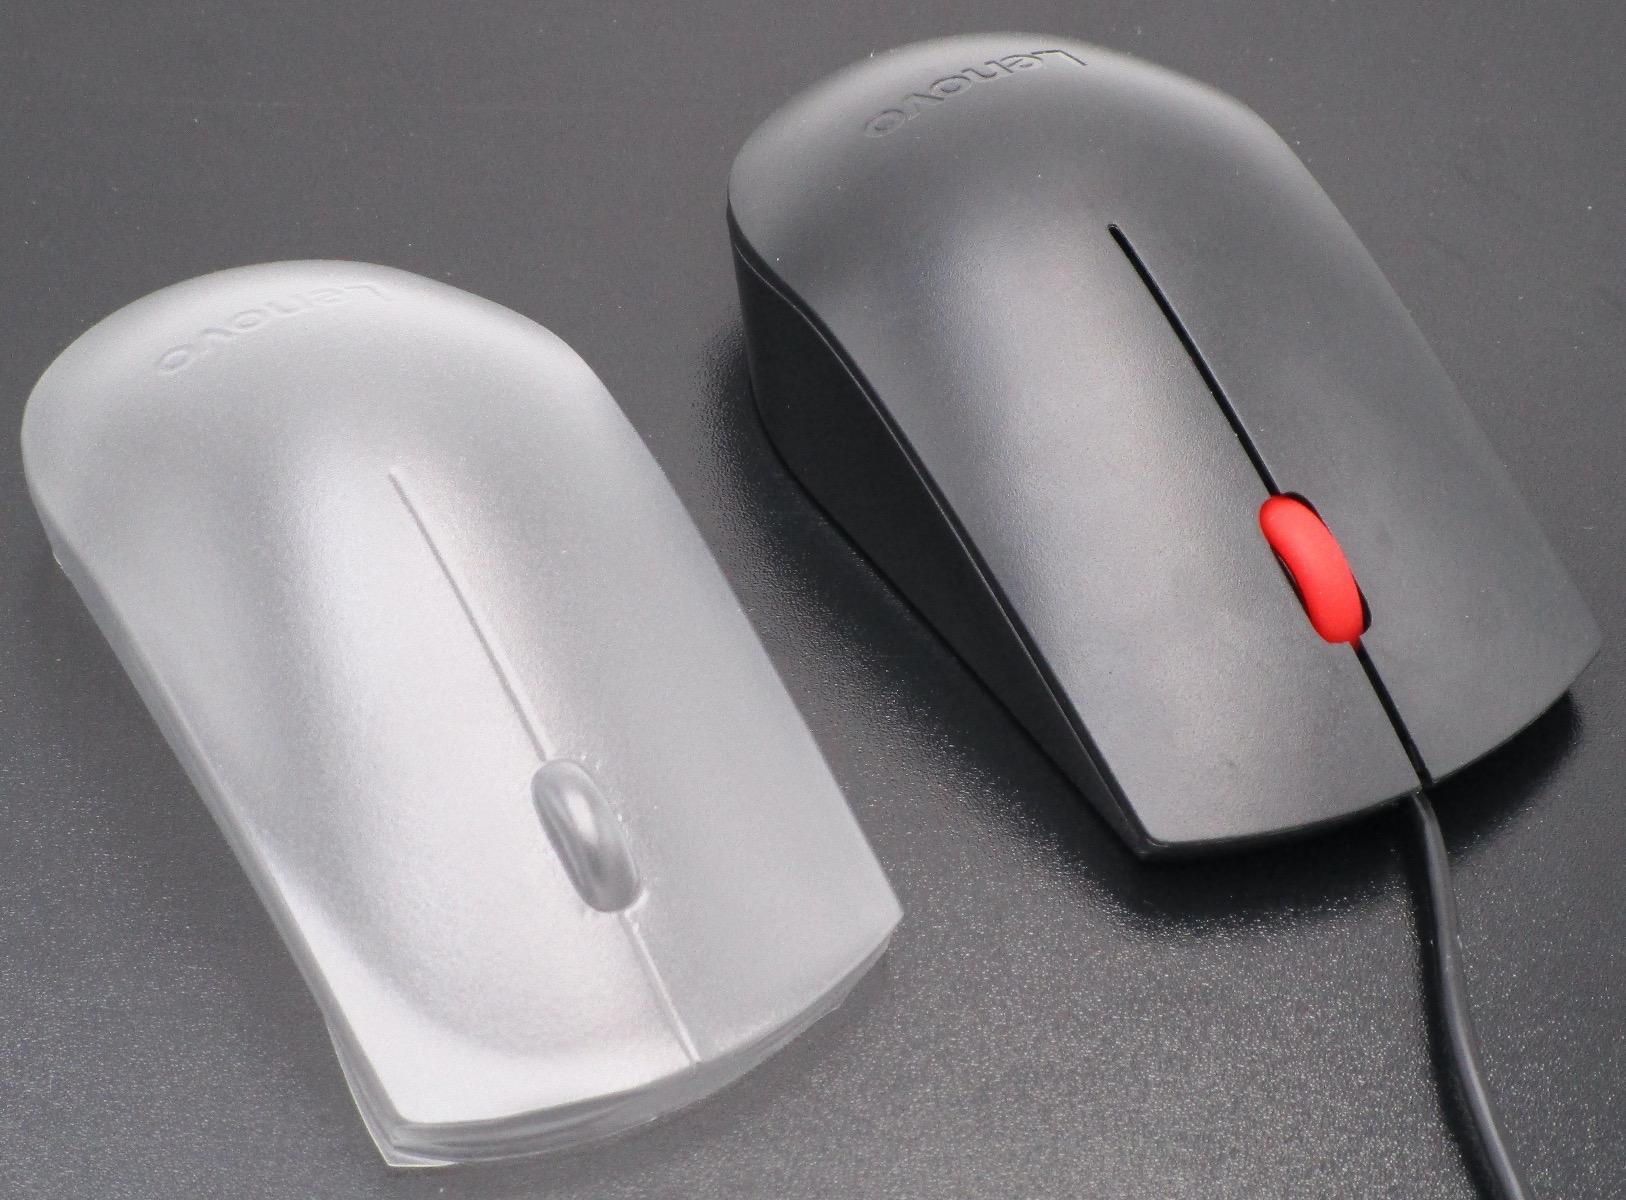 Lenovo SM-8823 / 300 USB Mouse Cover